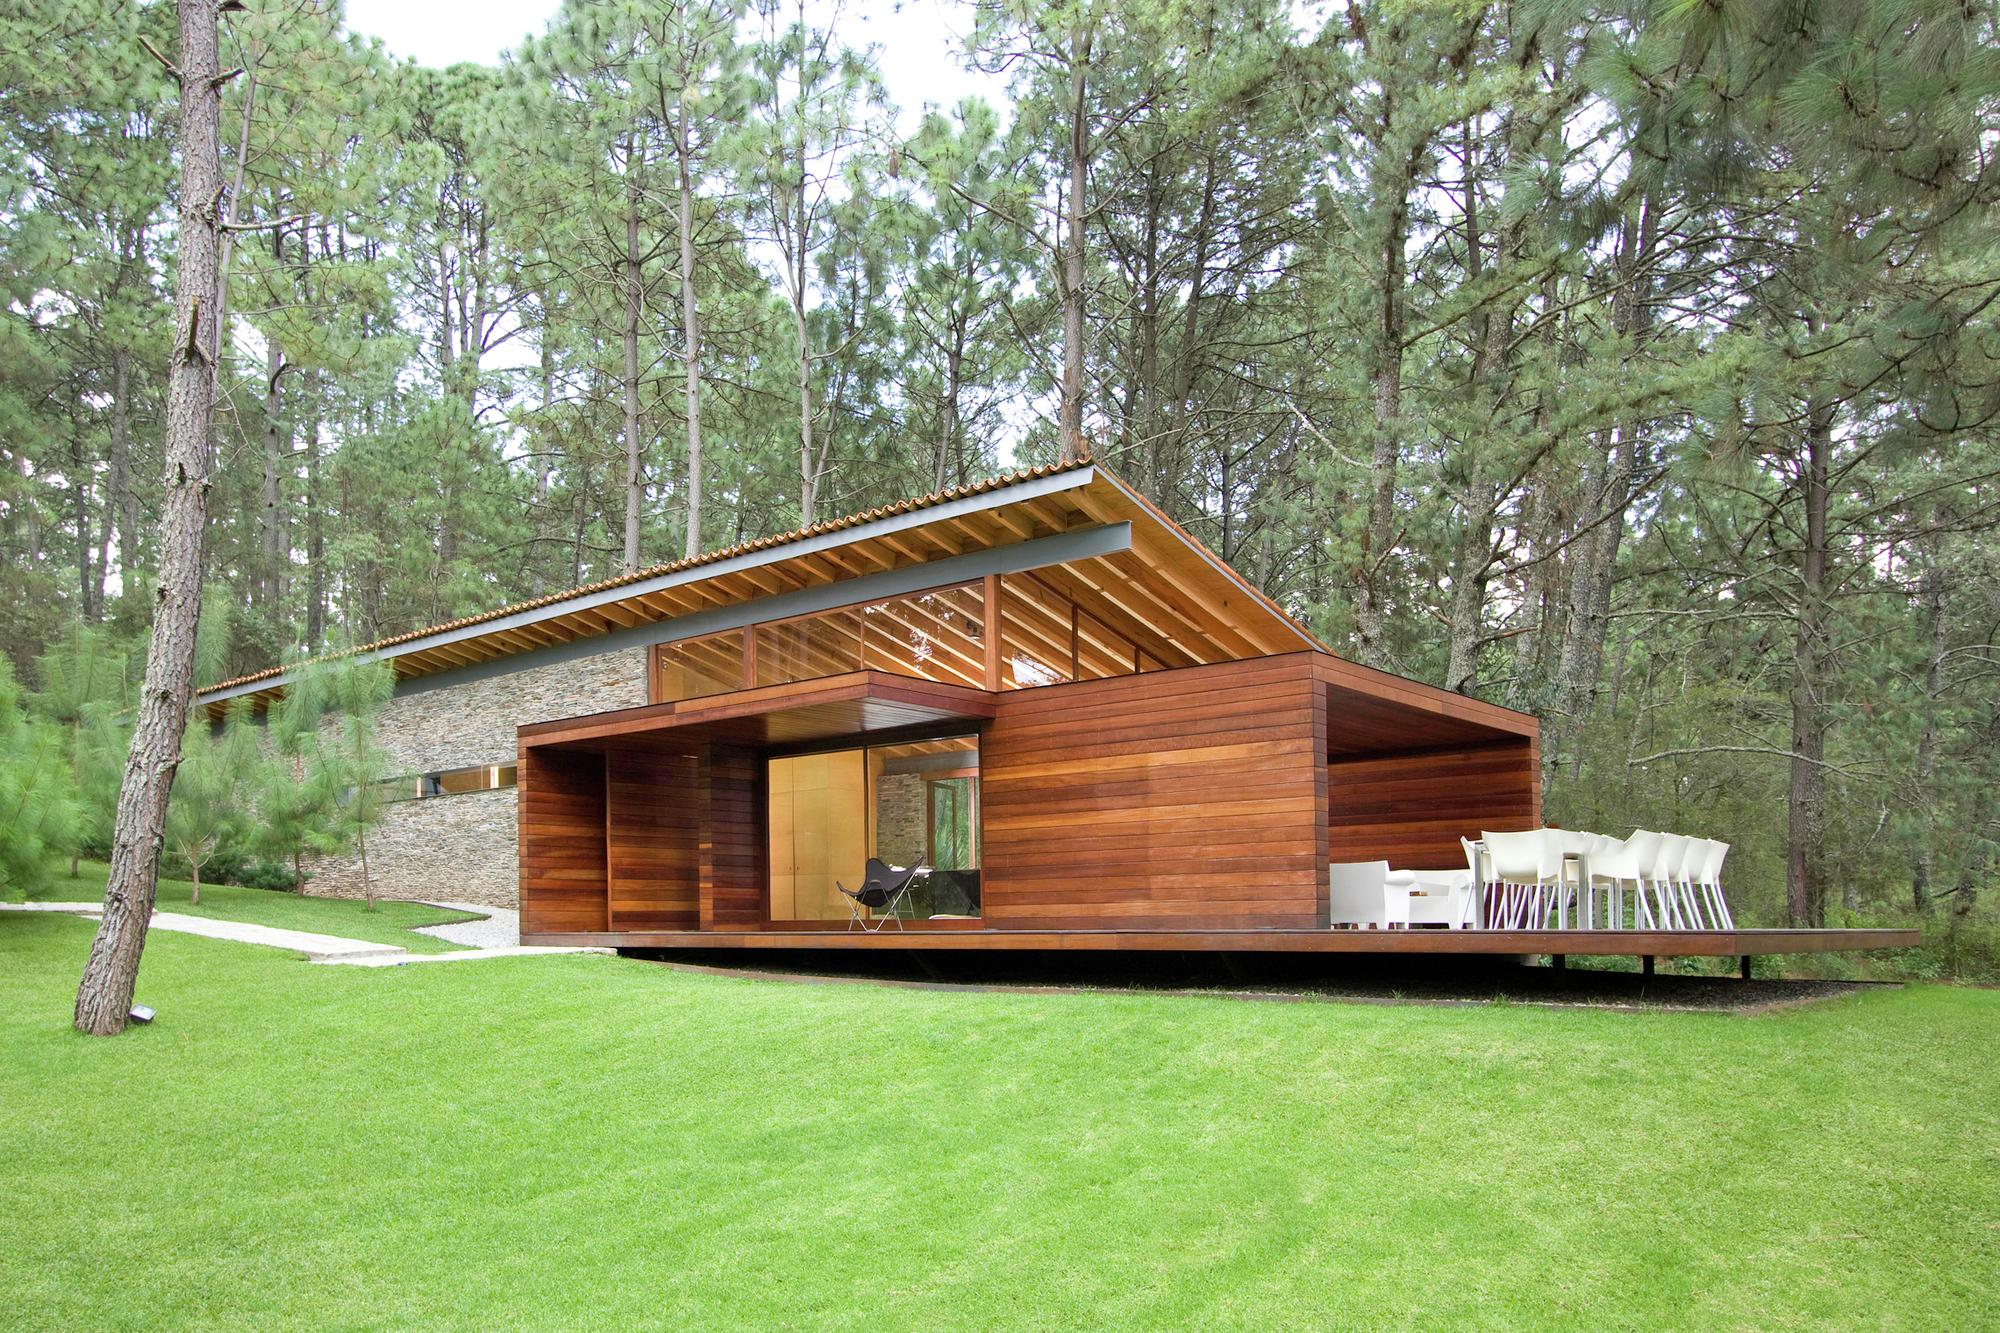 Gallery of ro house tapalpa el as rizo arquitectos 21 - Casas prefabricadas de piedra ...